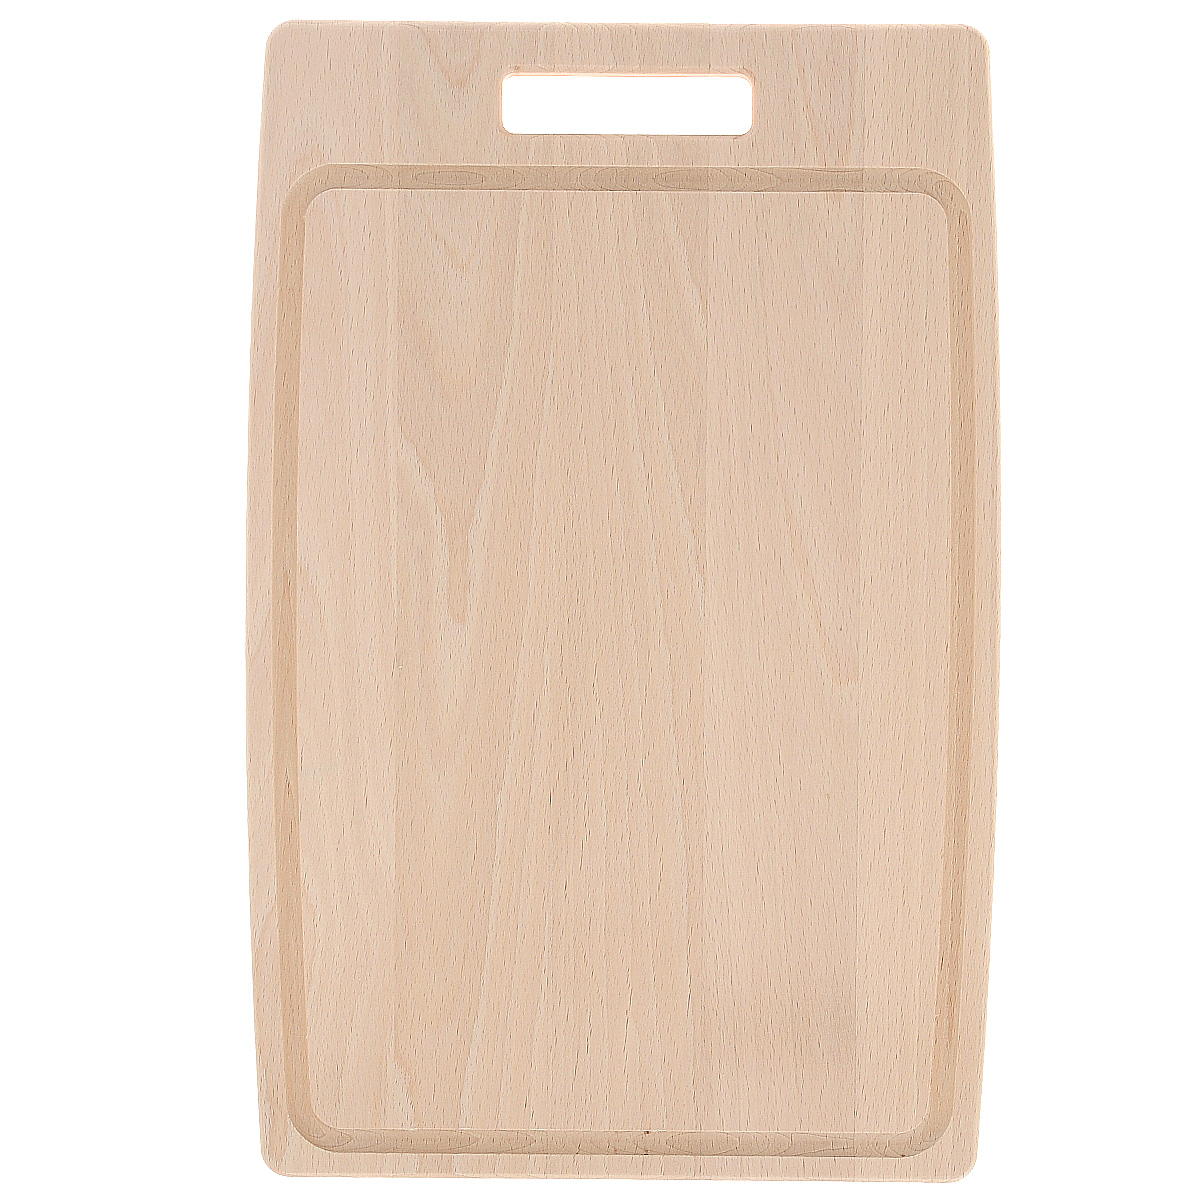 Доска разделочная Tescoma Home Profi, 40 х 26 см54 009312Прямоугольная разделочная доска Tescoma Home Profi изготовлена из высококачественной древесины бука. Бук - это особо прочный материал, который прослужит вам долгие годы. Доска оснащена удобной ручкой.Функциональная и простая в использовании, разделочная доска Tescoma Home Profi прекрасно впишется в интерьер любой кухни. Не мыть в посудомоечной машине.